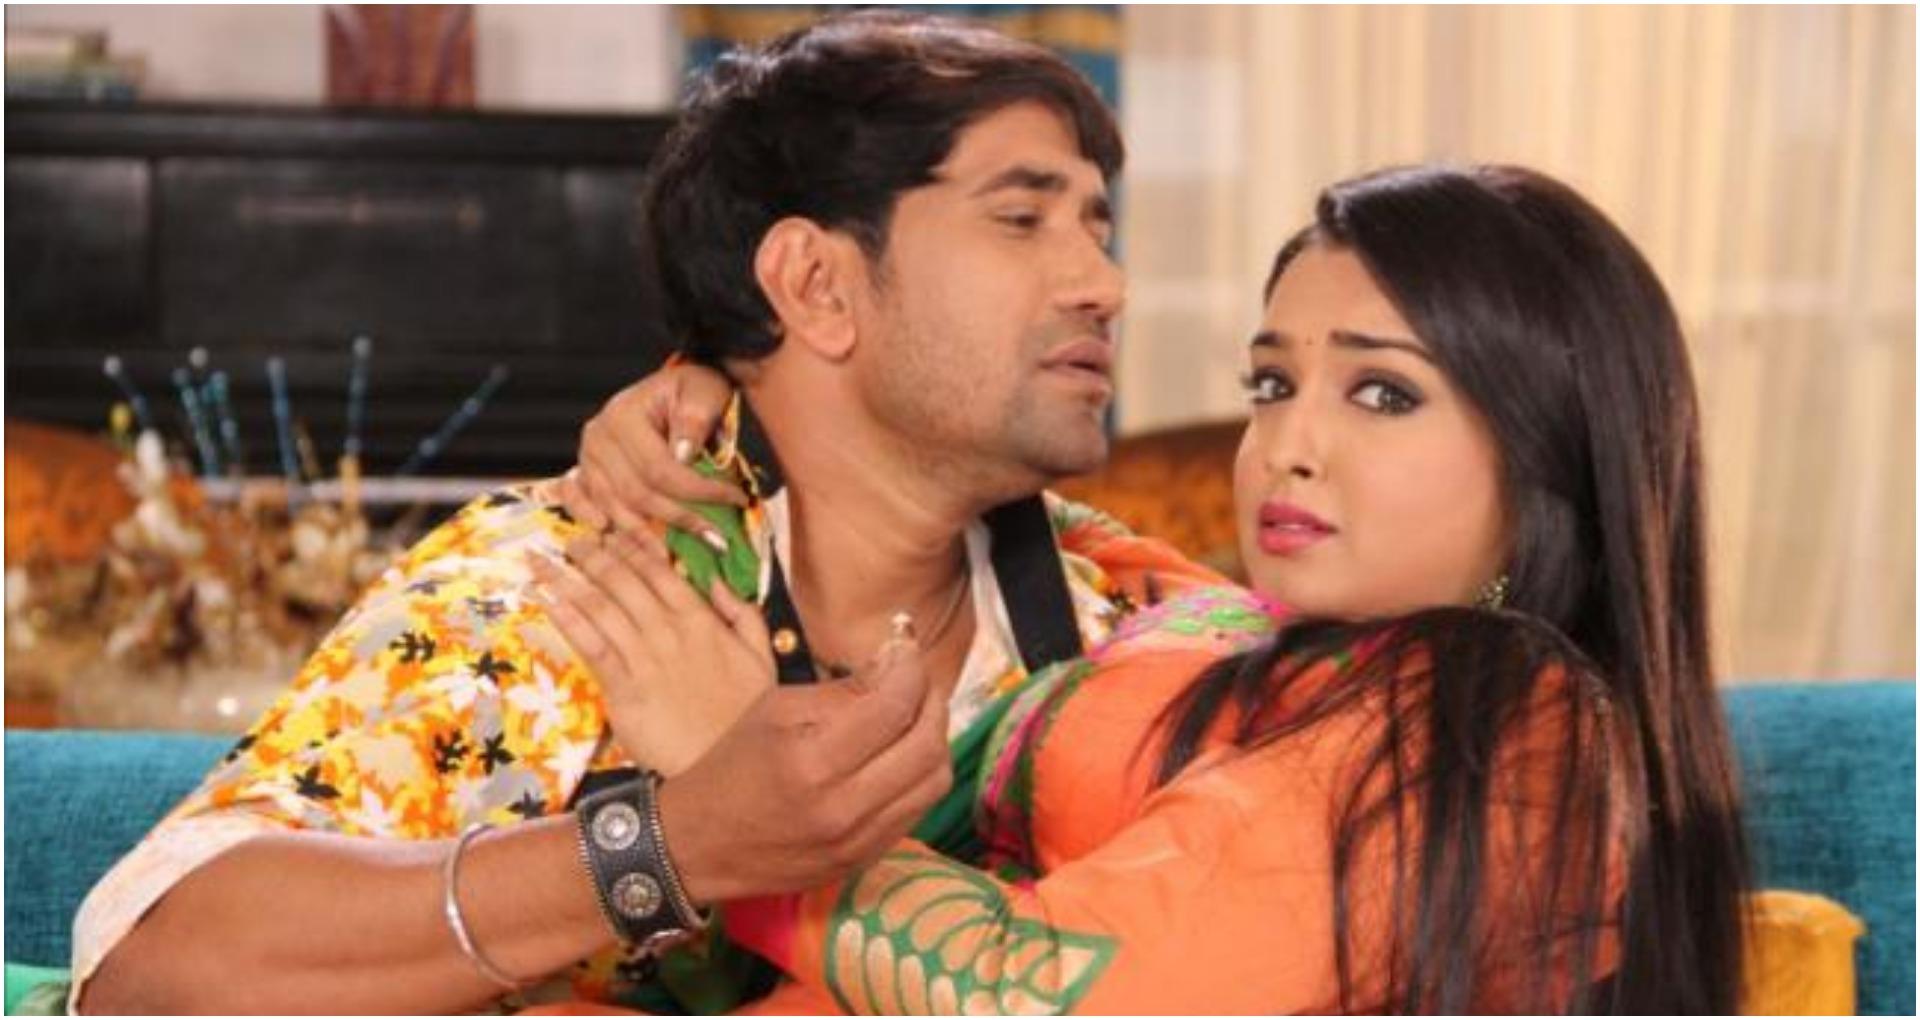 Anjor Kare India Mein Bhojpuri Song: निरहुआ-आम्रपाली दुबे की जोड़ी का फिर चला जादू, गाना हो रहा है वायरल